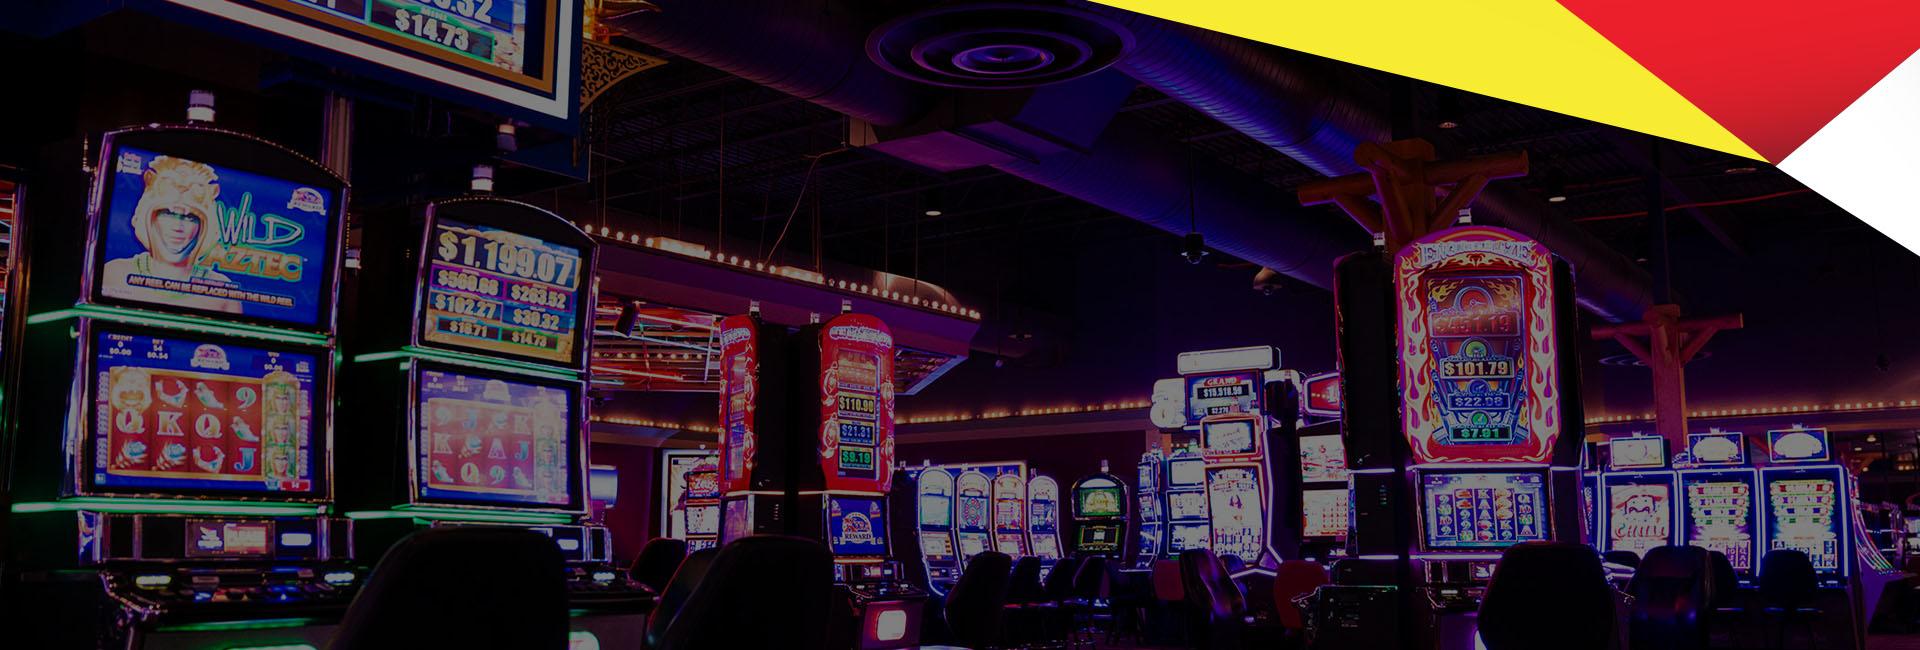 Играть игровой автомат одноглазый джо игровые автоматы максбет которые реально дают выиграть